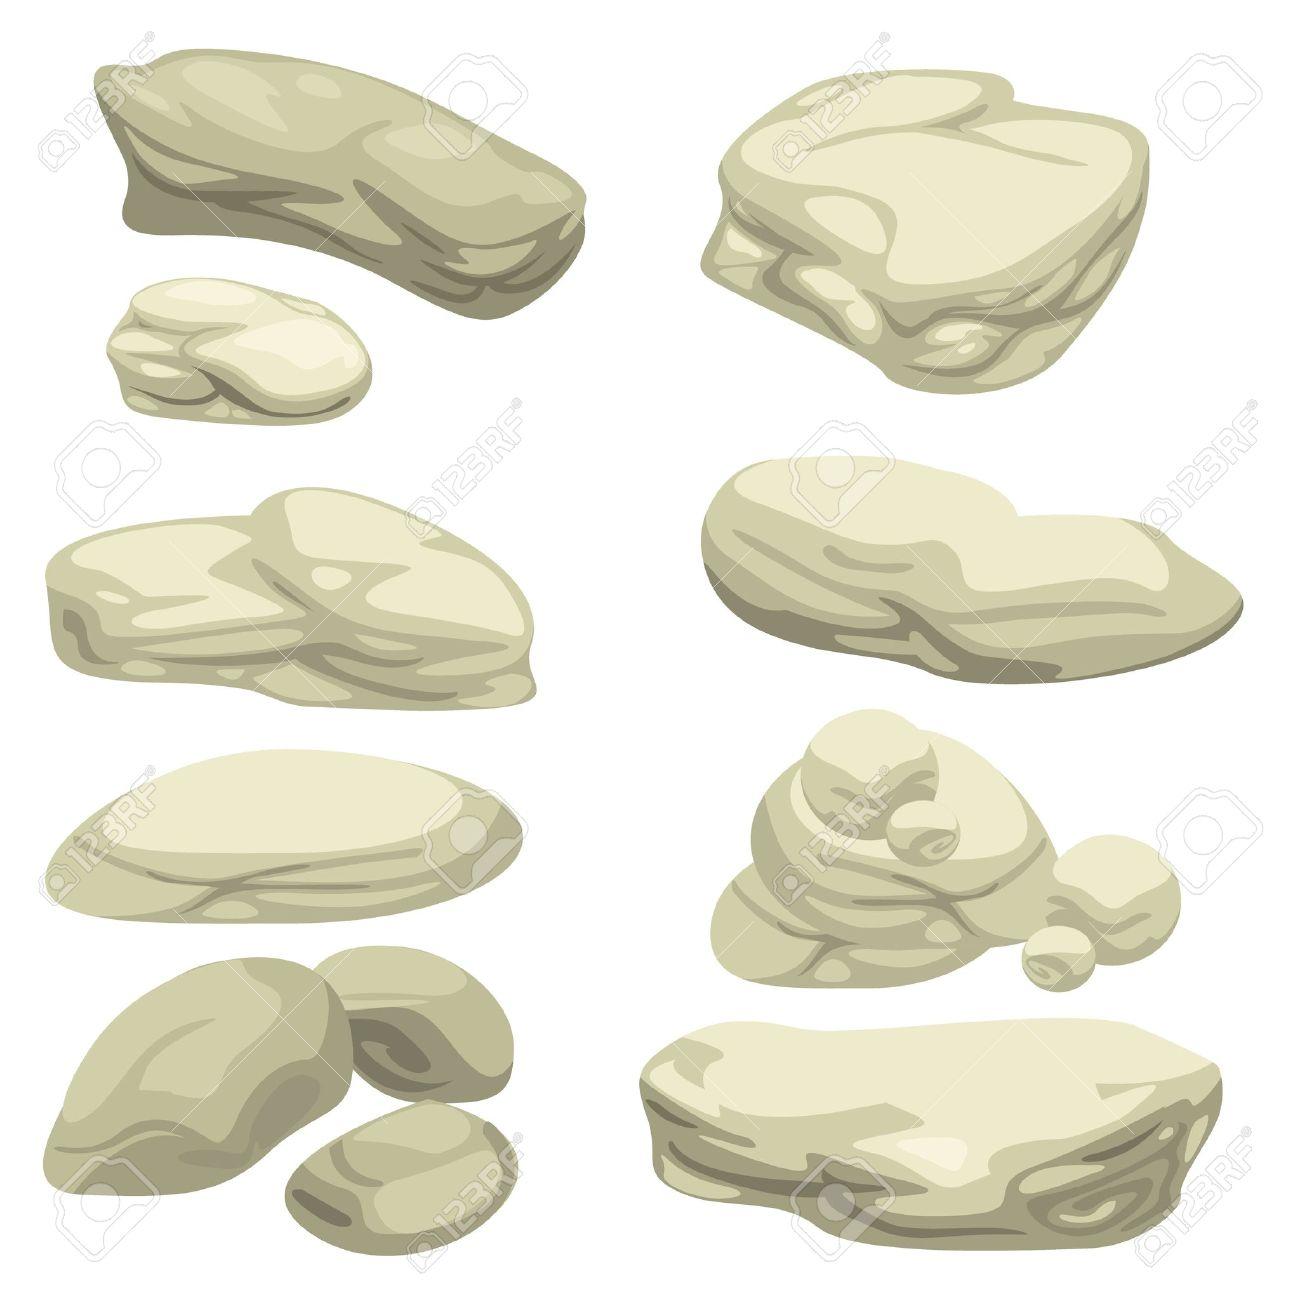 石はイラストレーターを設定 ロイヤリティフリークリップアート